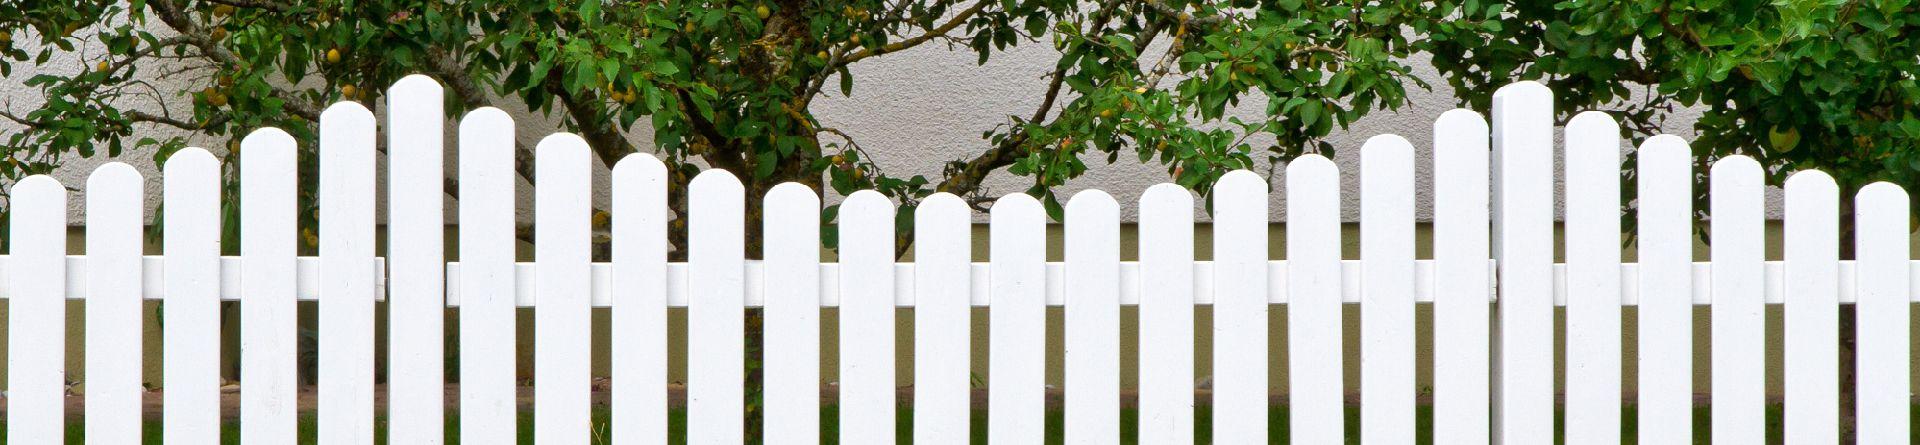 Malerarbeiten im Garten